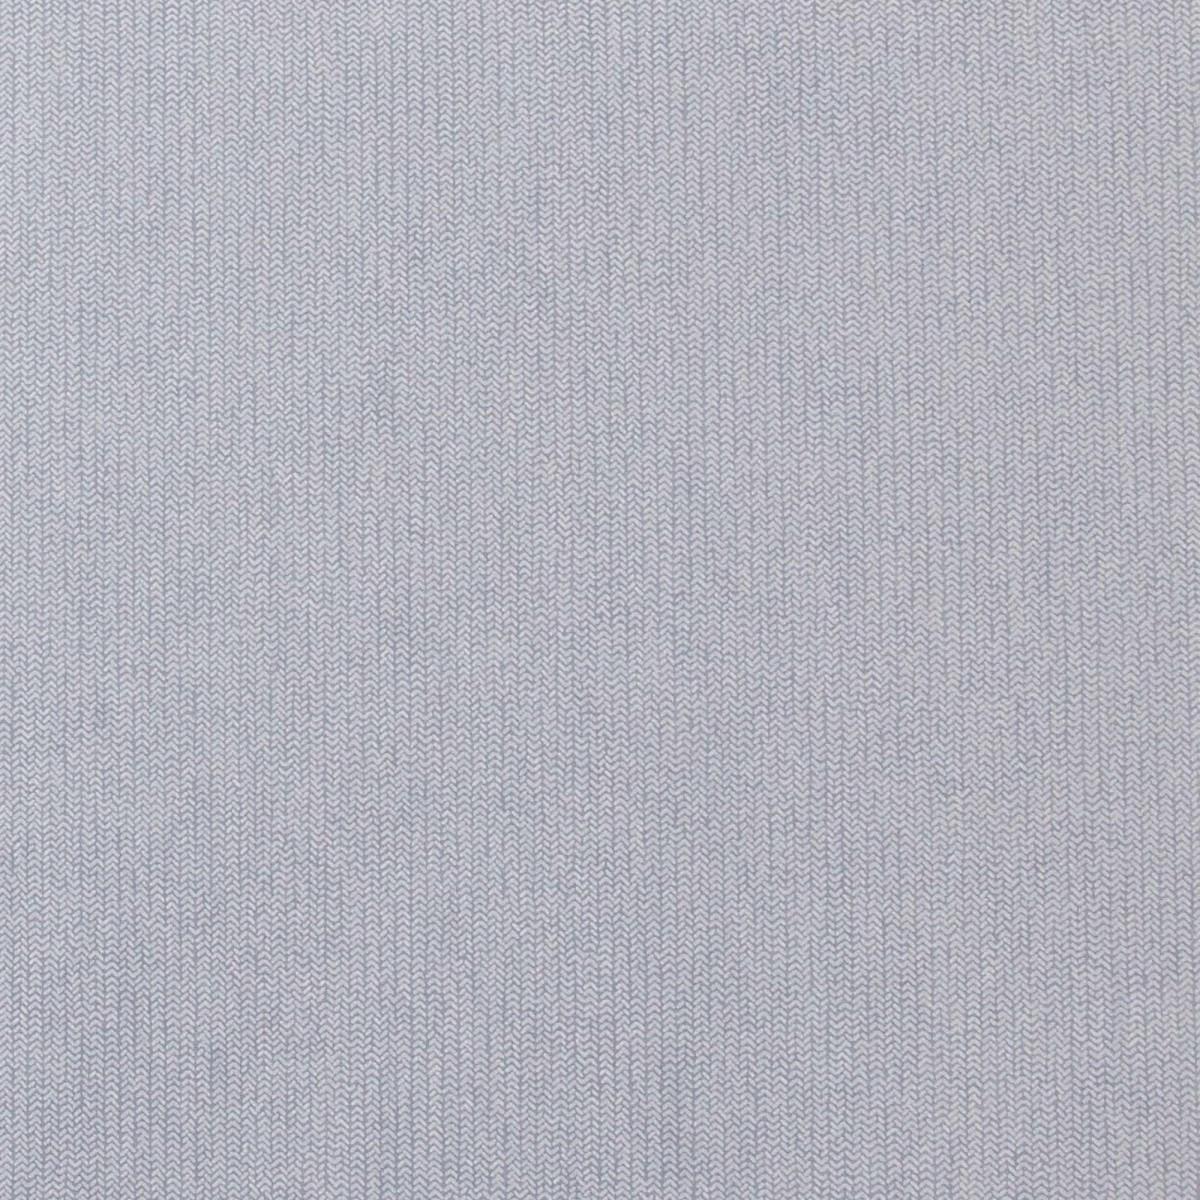 Обои флизелиновые Aquarelle De Somero серые 0.53 м 6680-5